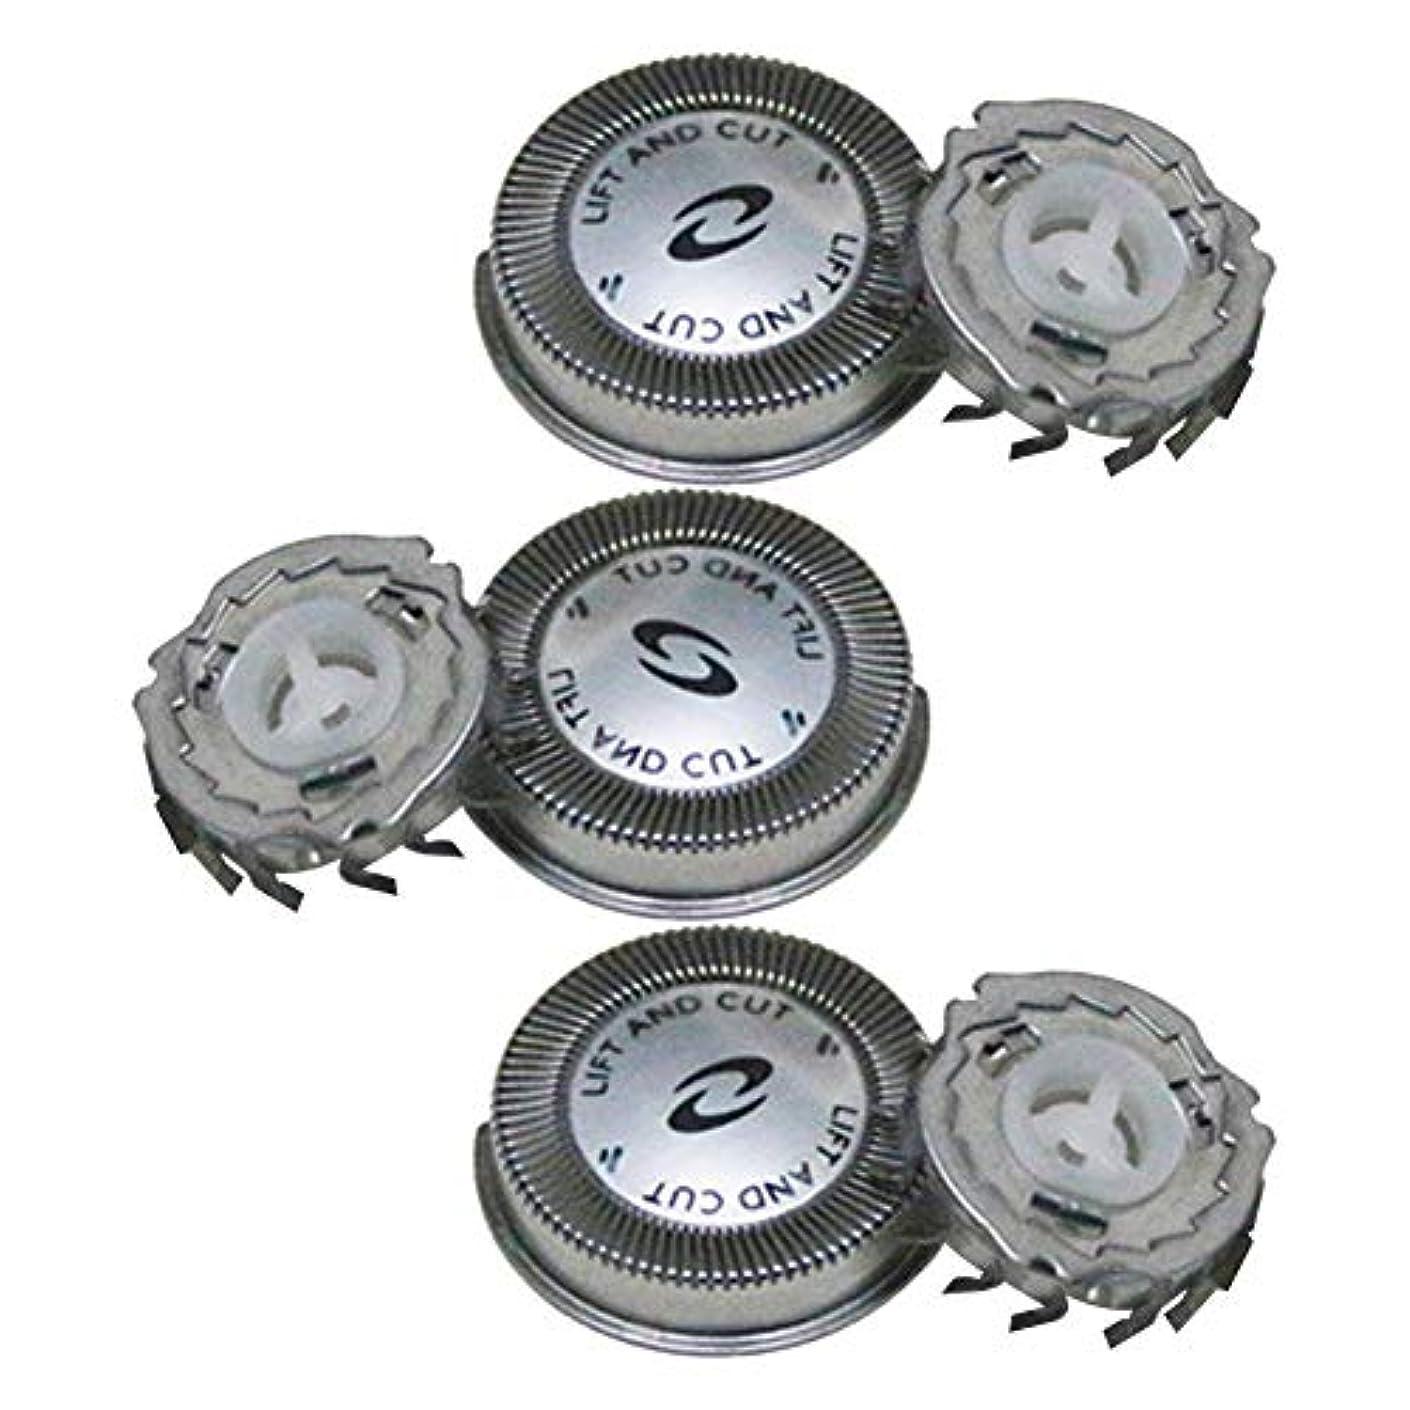 編集するミルク近所のシェーバー 替刃 替え刃 カミソリ ヘッド 交換用替刃 替刃3個入り フィリップスHQ3シリーズ HQ30 HQ32 HQ33 HQ36 HQ300に適用